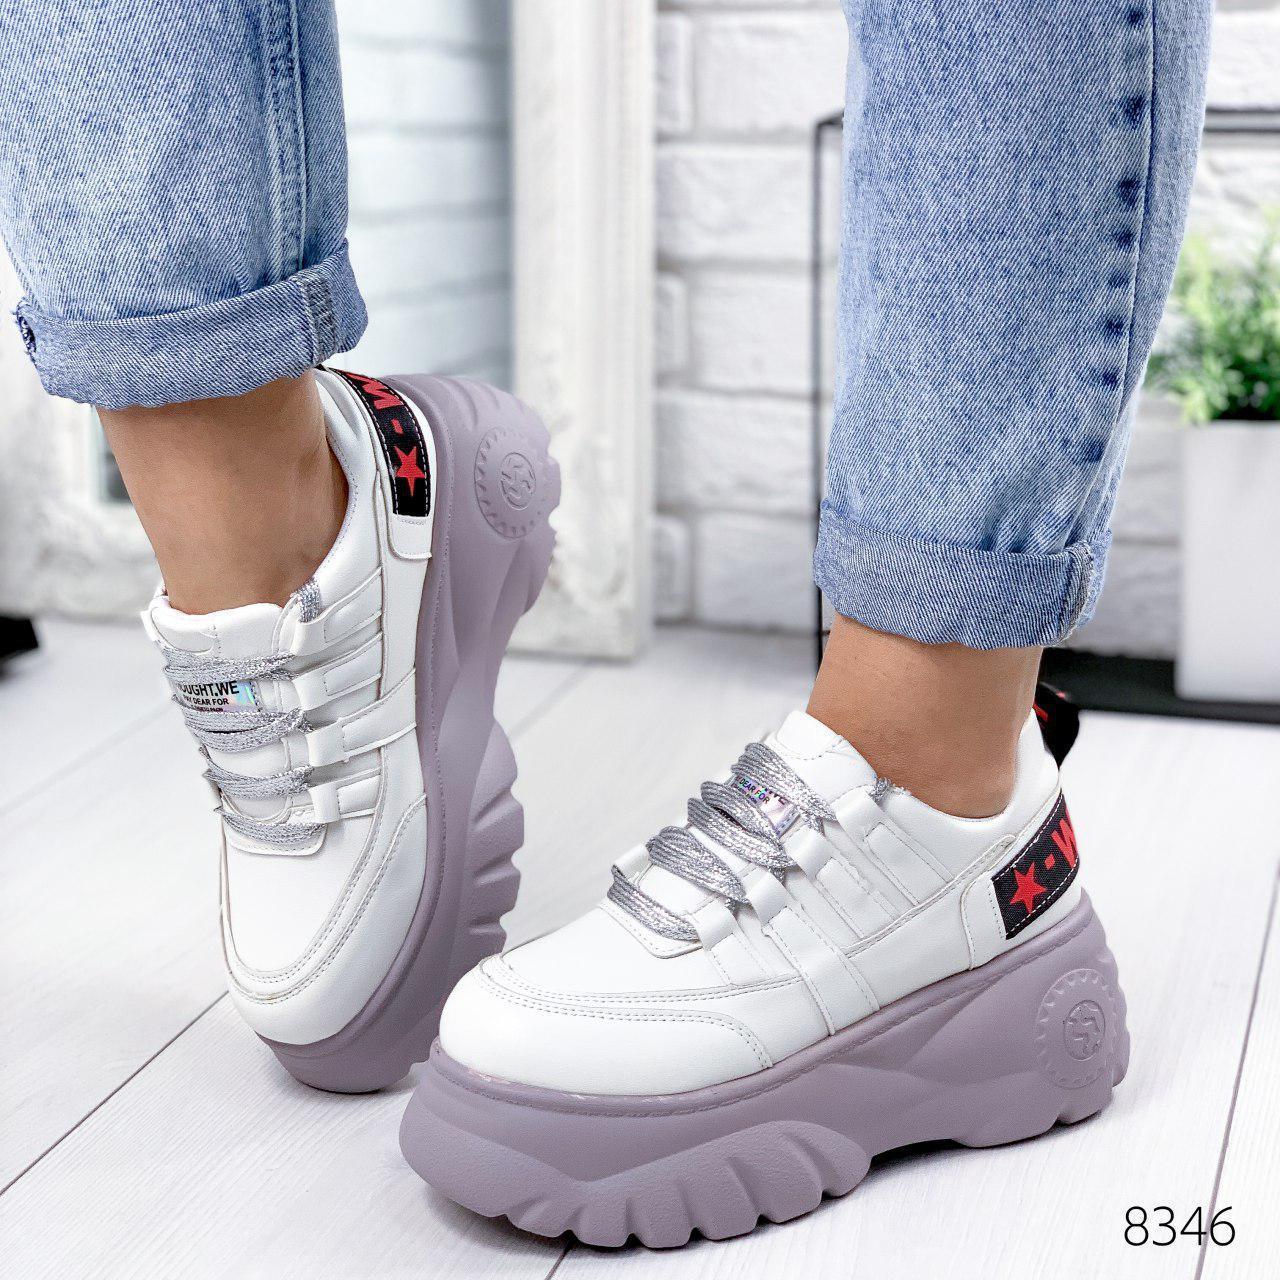 """Кросівки жіночі """"Lixes"""" білого кольору з еко шкіри. Кеди жіночі. Мокасини жіночі. Взуття жіноче"""